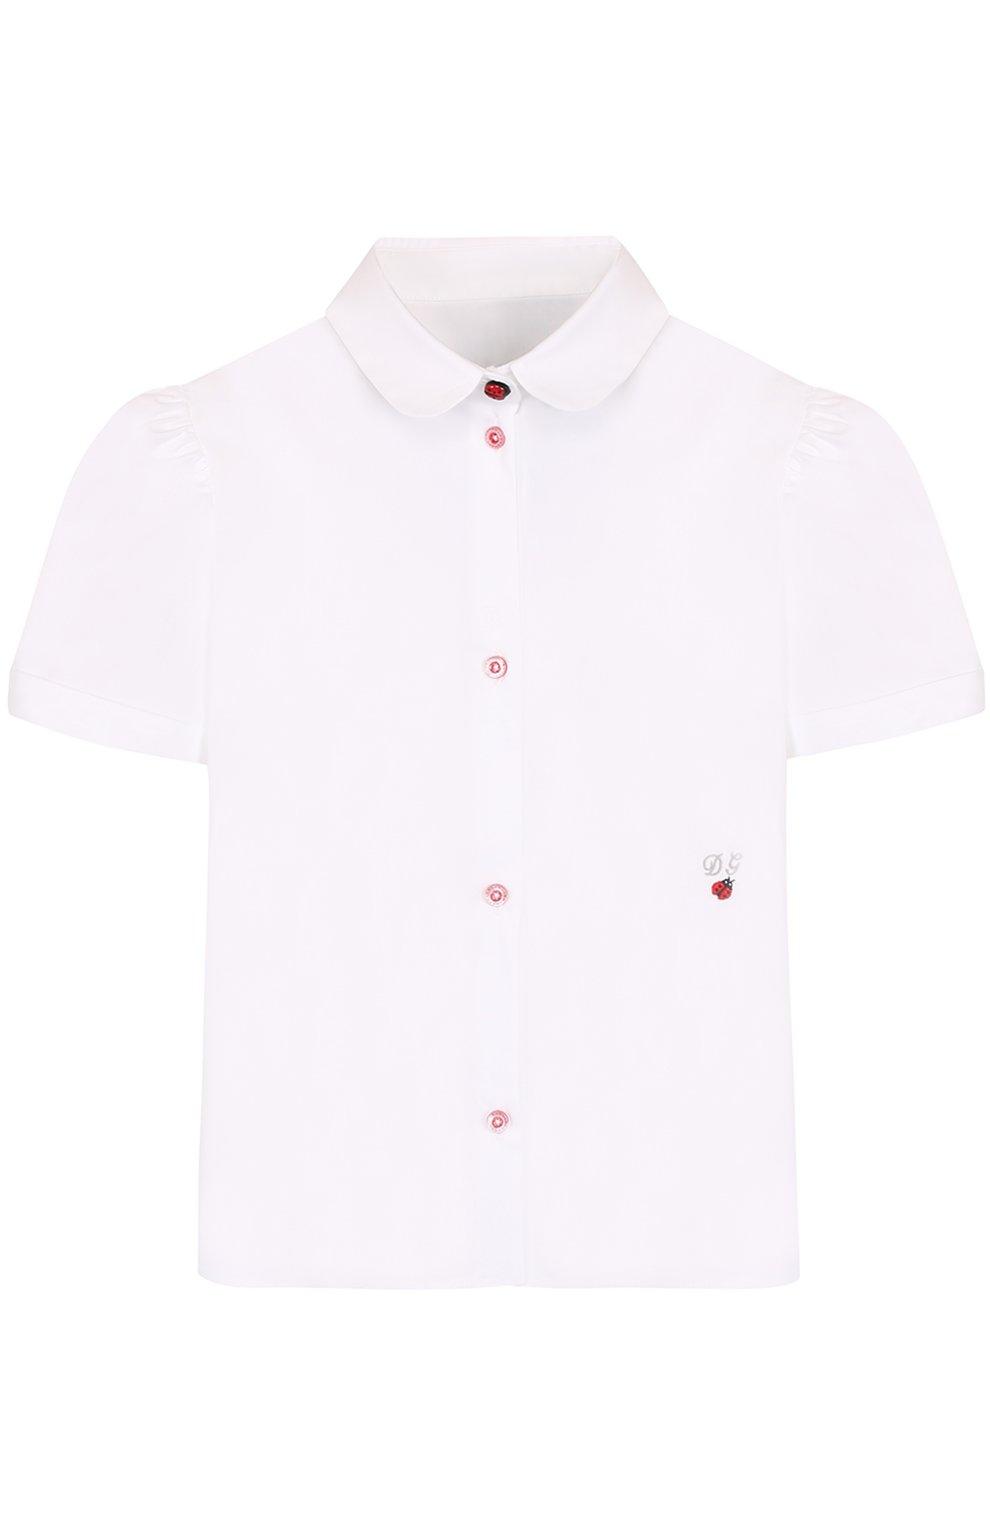 Хлопковая блуза с вышивкой и контрастными пуговицами | Фото №1